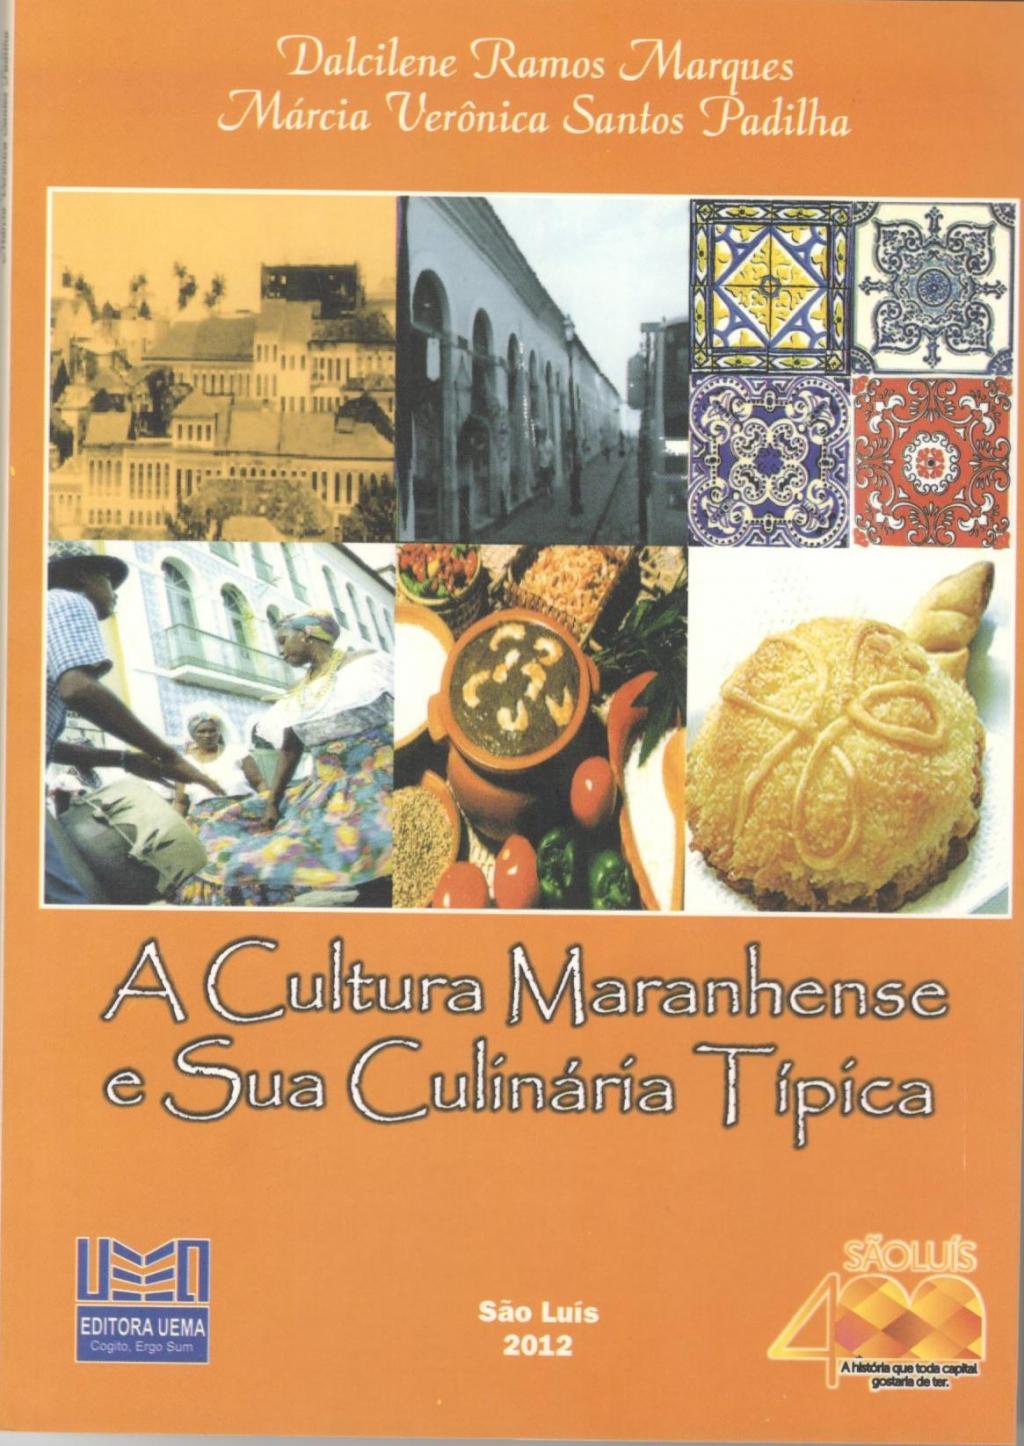 Coleção 400 Anos - A cultura Maranhense e sua culinária típica